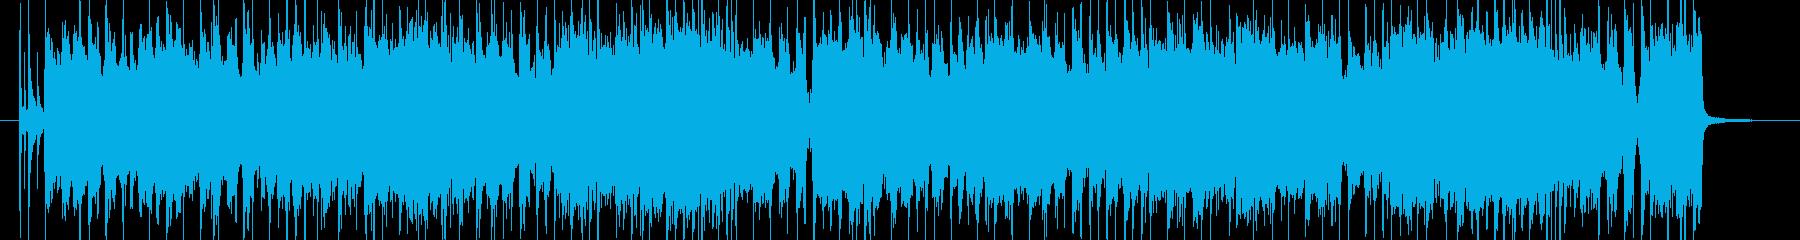 テキサス風のブルースロックですの再生済みの波形